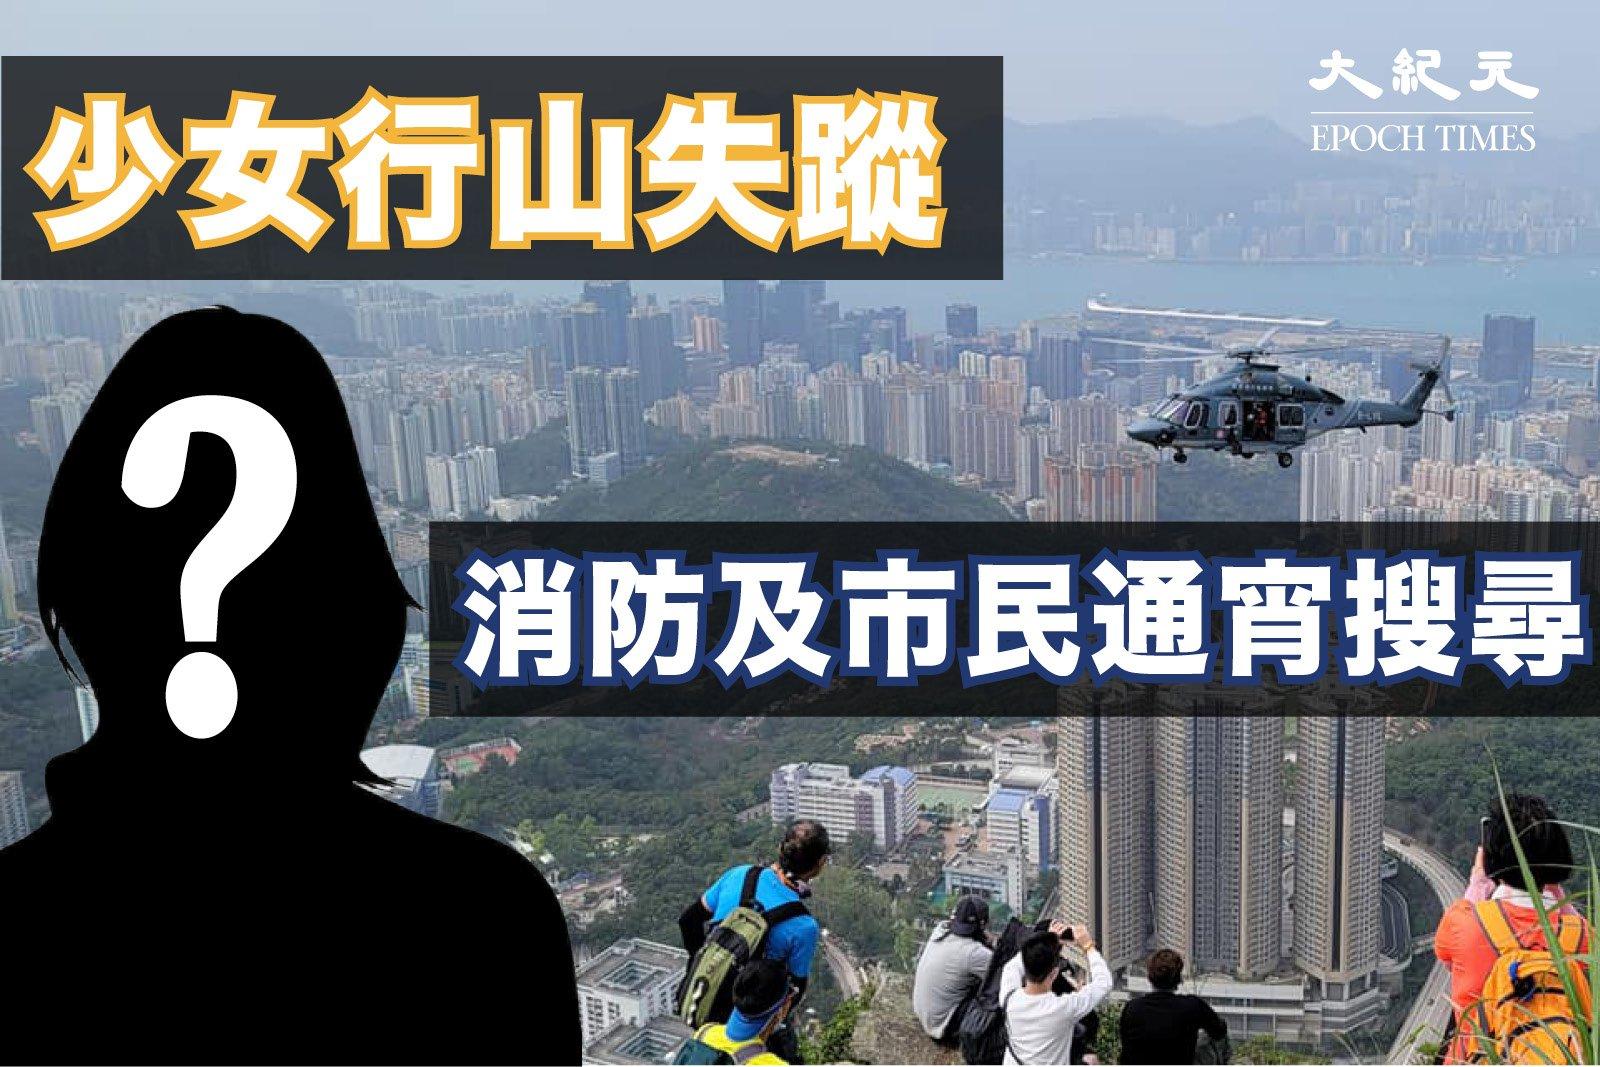 24歲女子石樂蕎(Dawn)15日離家後,失蹤至今,消防隊和義務搜索隊昨通宵登山搜救。(大紀元製圖)